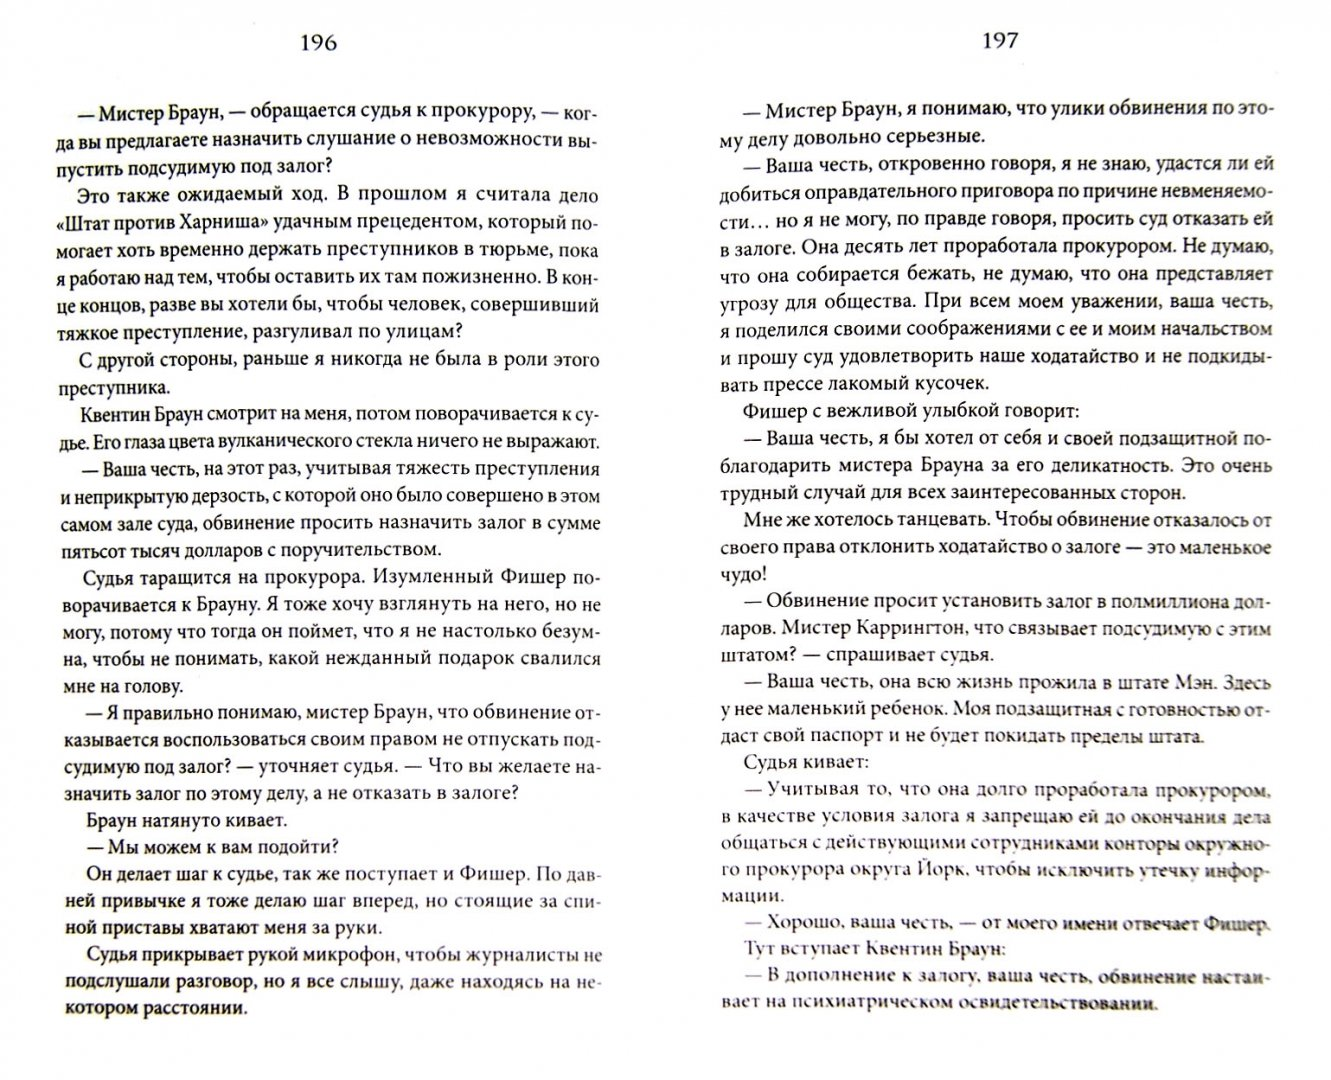 Иллюстрация 1 из 6 для Роковое совпадение - Джоди Пиколт | Лабиринт - книги. Источник: Лабиринт